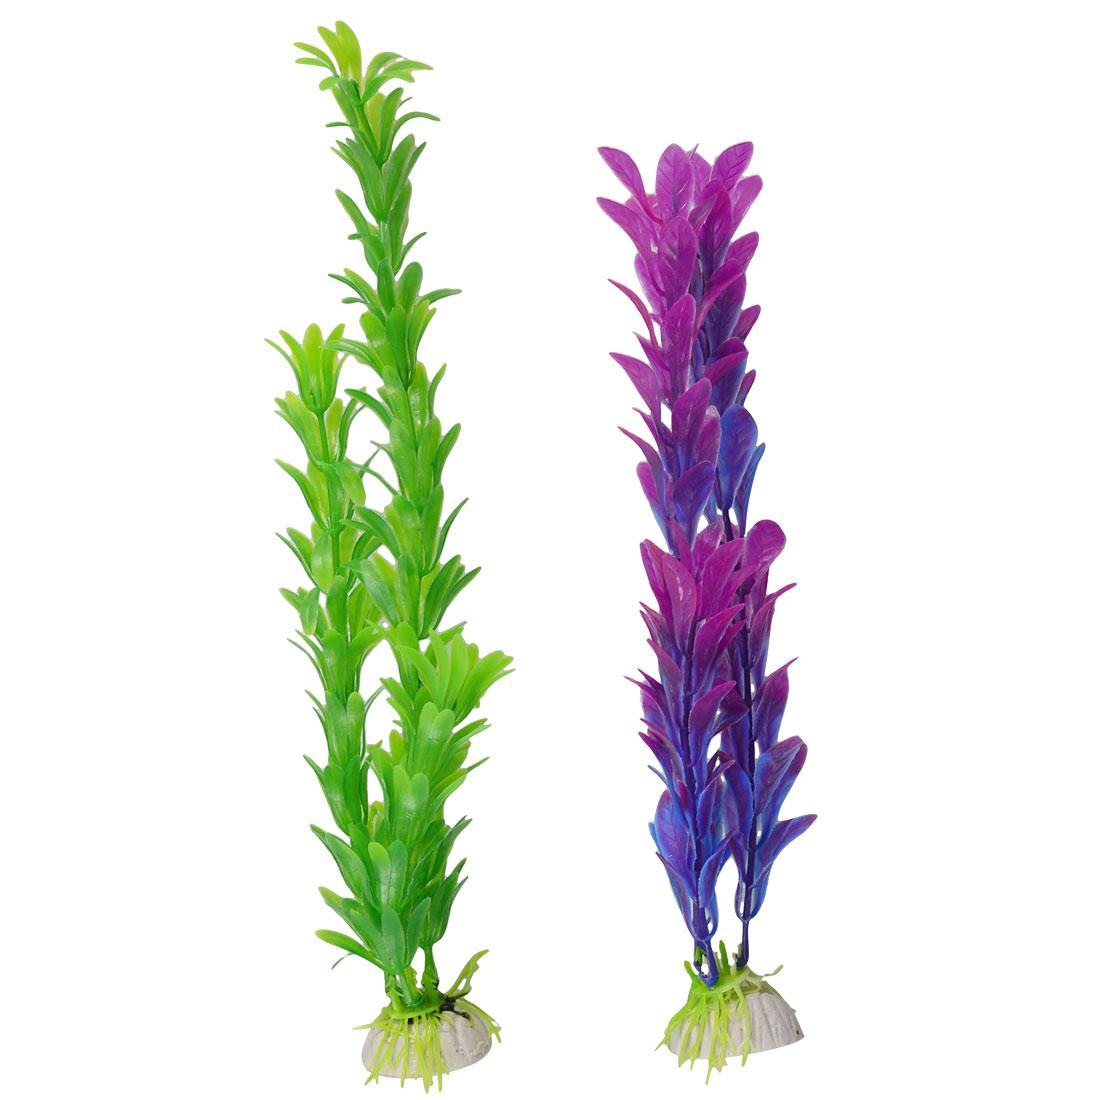 Fish Tank Aquarium Decor Emulational Upright Aquatic Grasses 2 Pcs